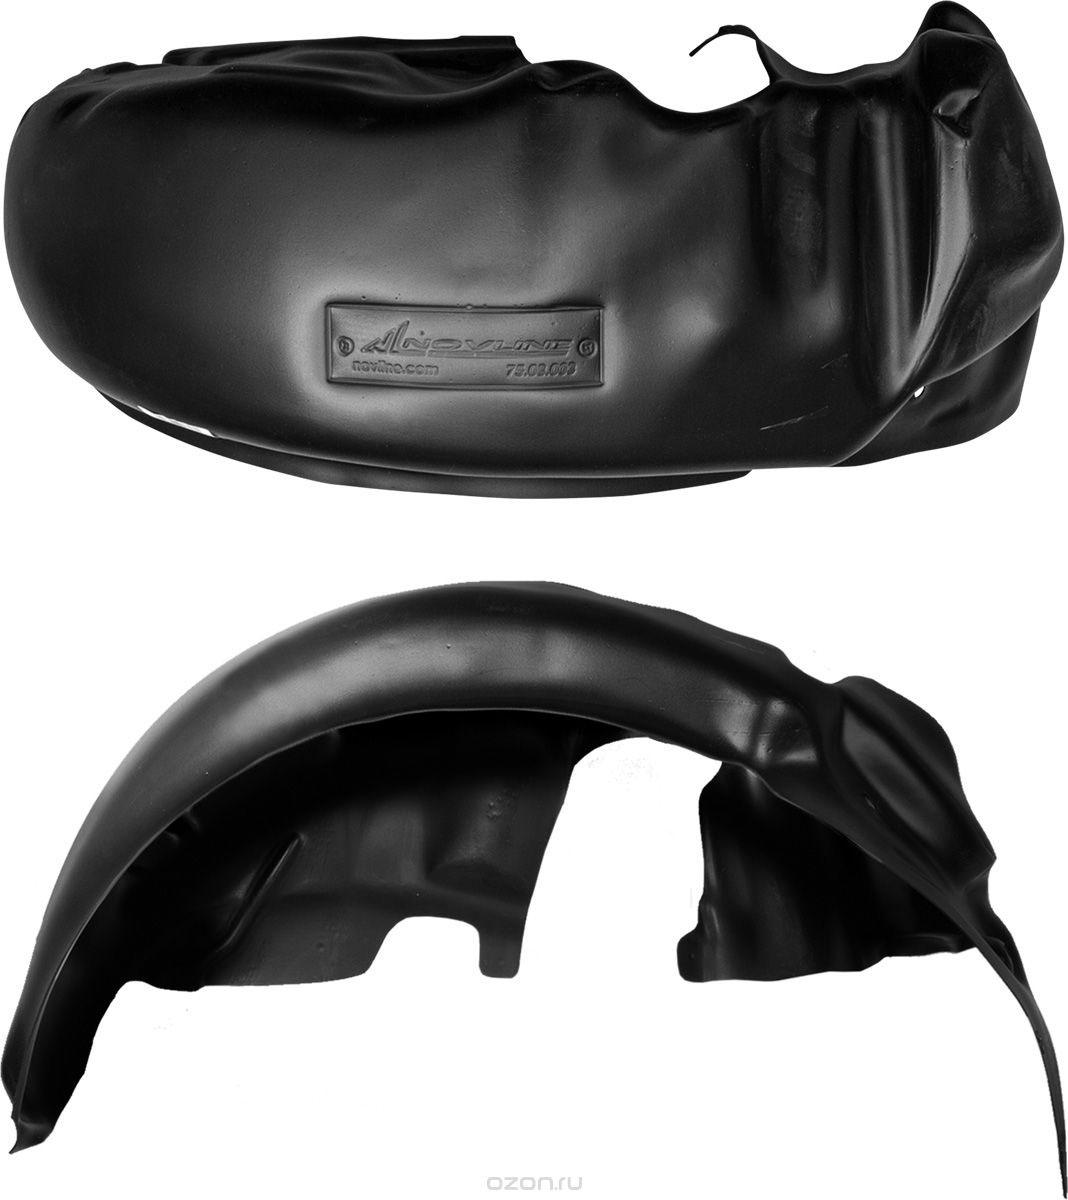 Подкрылок Novline-Autofamily, для Faw V5, 2013->, передний левыйNLL.62.14.001Идеальная защита колесной ниши. Локеры разработаны с применением цифровых технологий, гарантируют максимальную повторяемость поверхности арки. Изделия устанавливаются без нарушения лакокрасочного покрытия автомобиля, каждый подкрылок комплектуется крепежом. Уважаемые клиенты, обращаем ваше внимание, что фотографии на подкрылки универсальные и не отражают реальную форму изделия. При этом само изделие идет точно под размер указанного автомобиля.